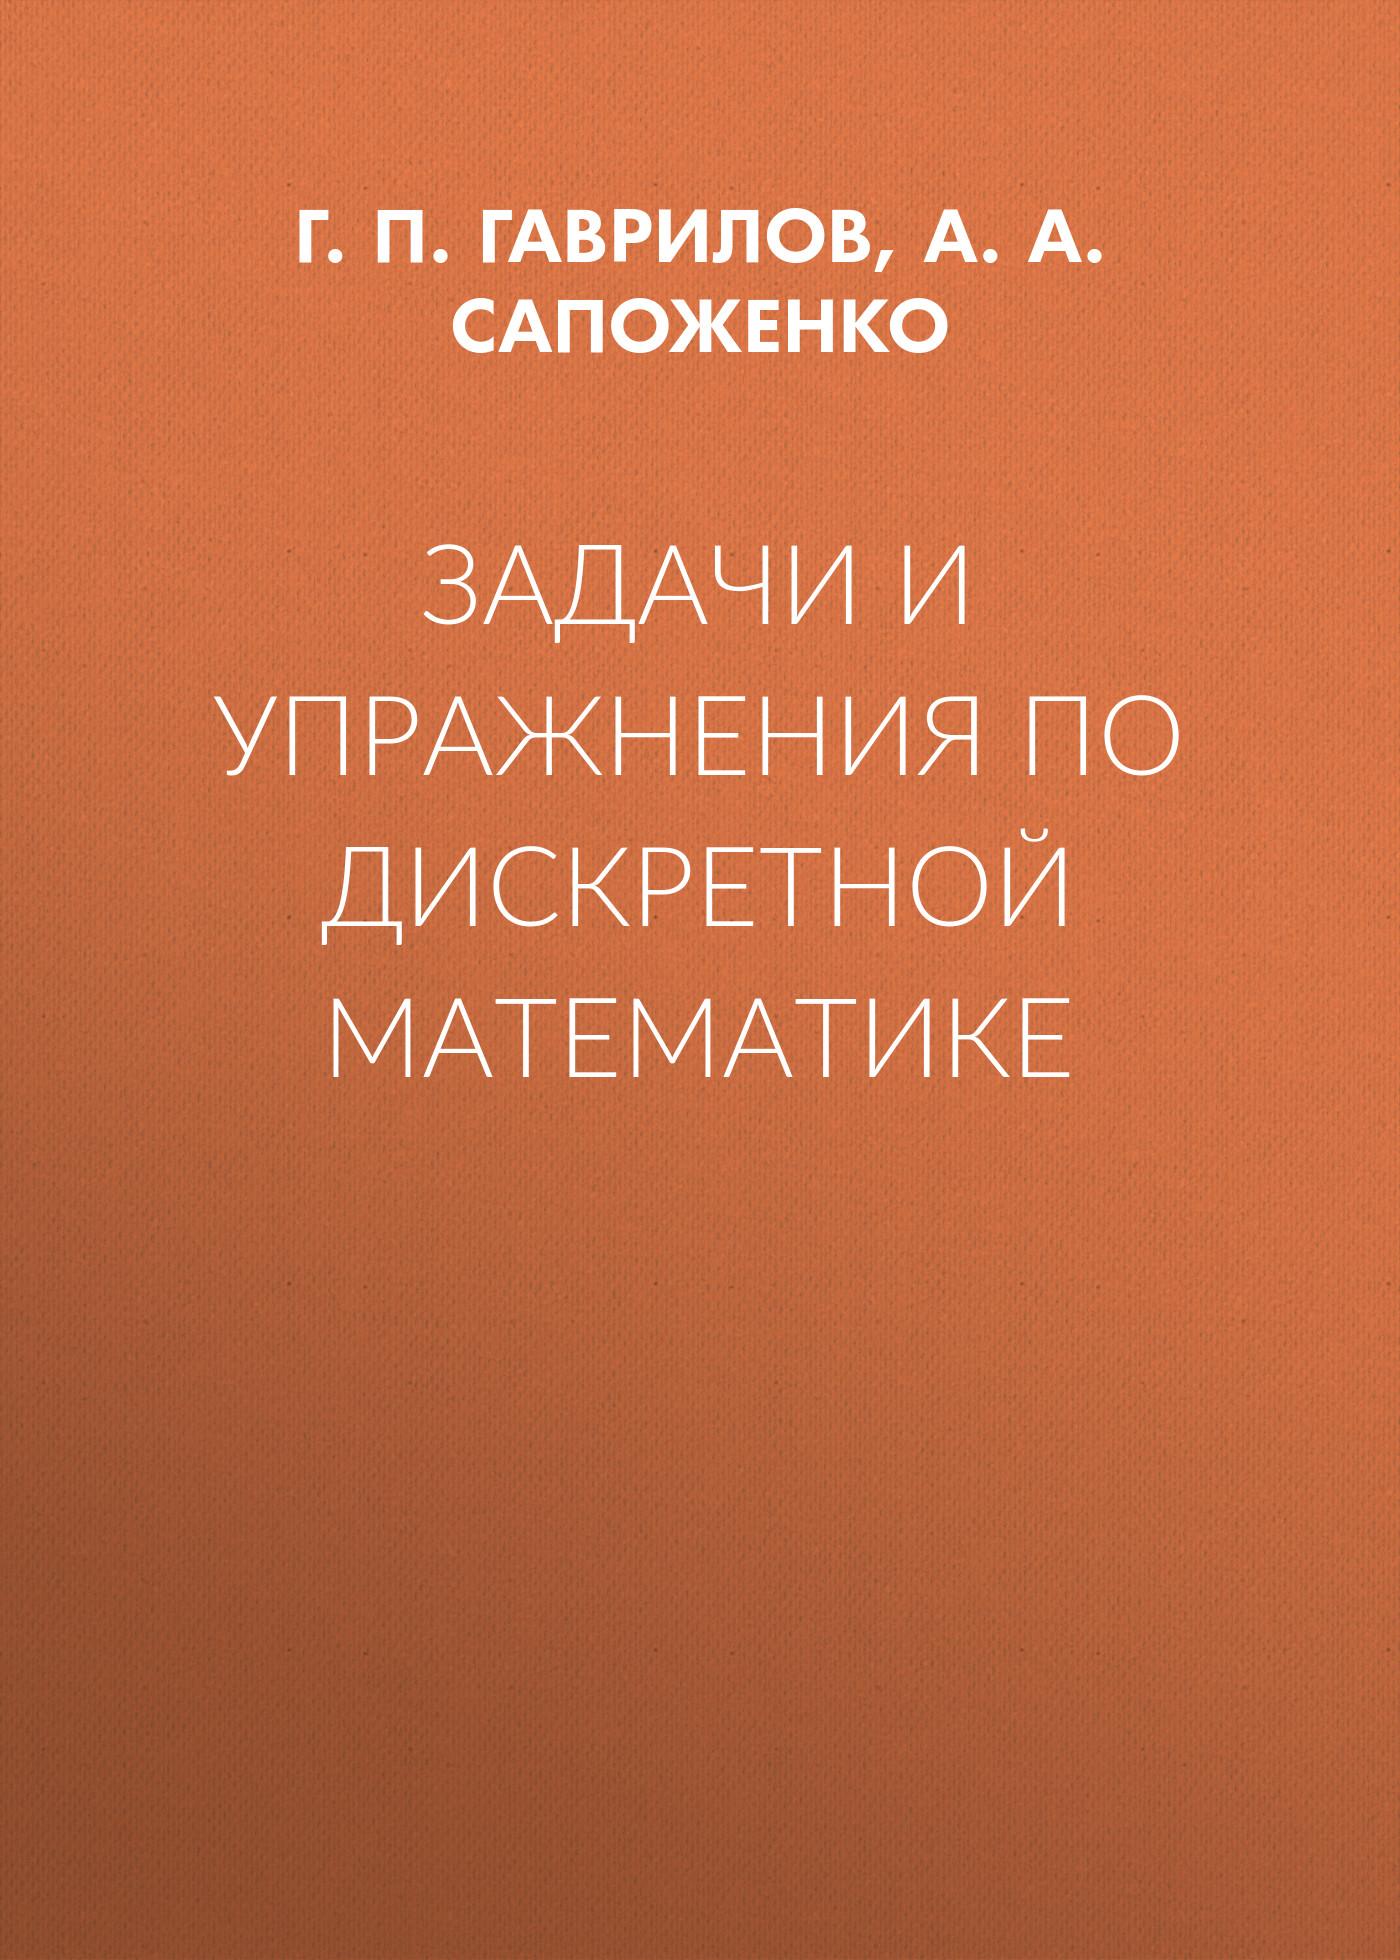 цена на А. А. Сапоженко Задачи и упражнения по дискретной математике